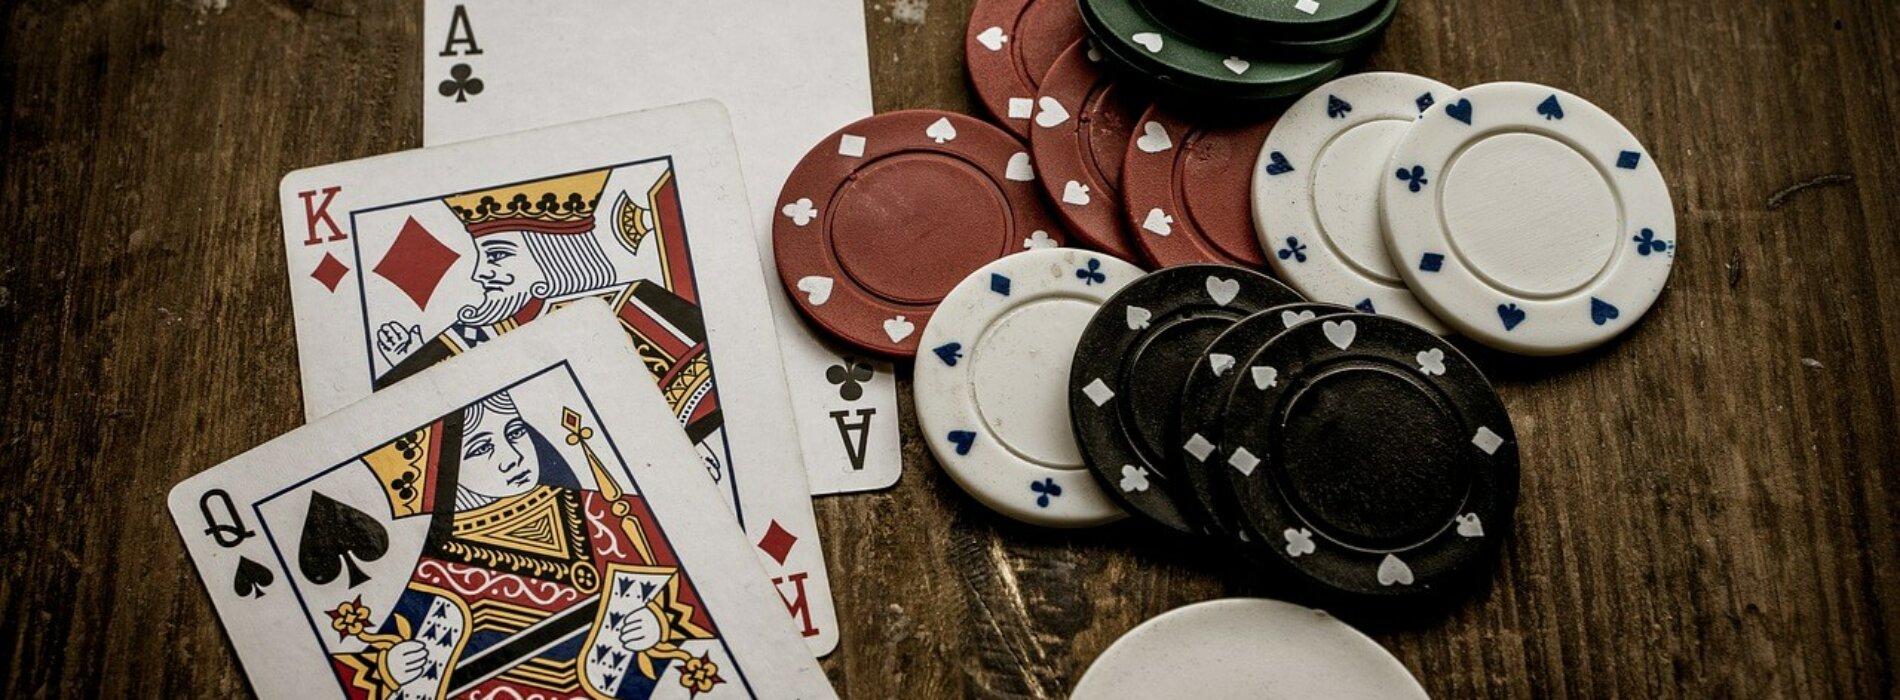 Rosną wydatki Polaków na hazard w internecie. Co trzecia złotówka trafia do operatorów działających poza polskim prawem